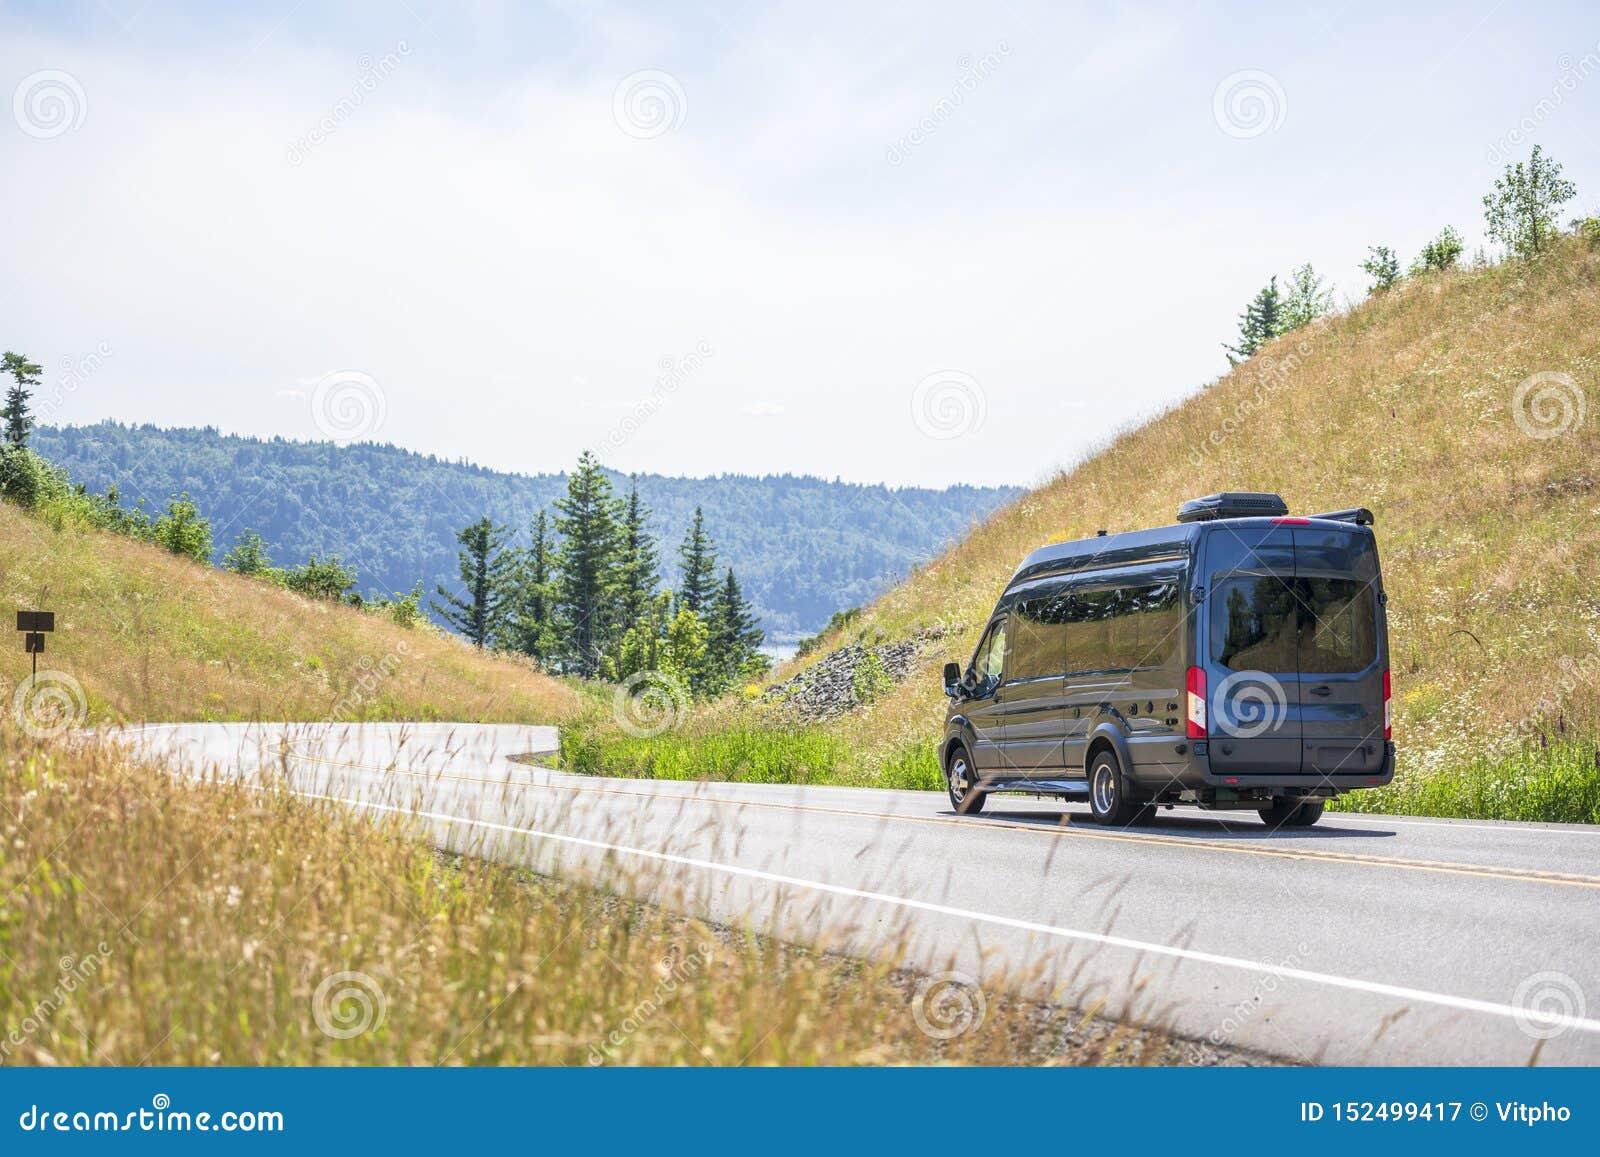 运行在弯曲道路的深灰紧凑商业微型搬运车在小山之间